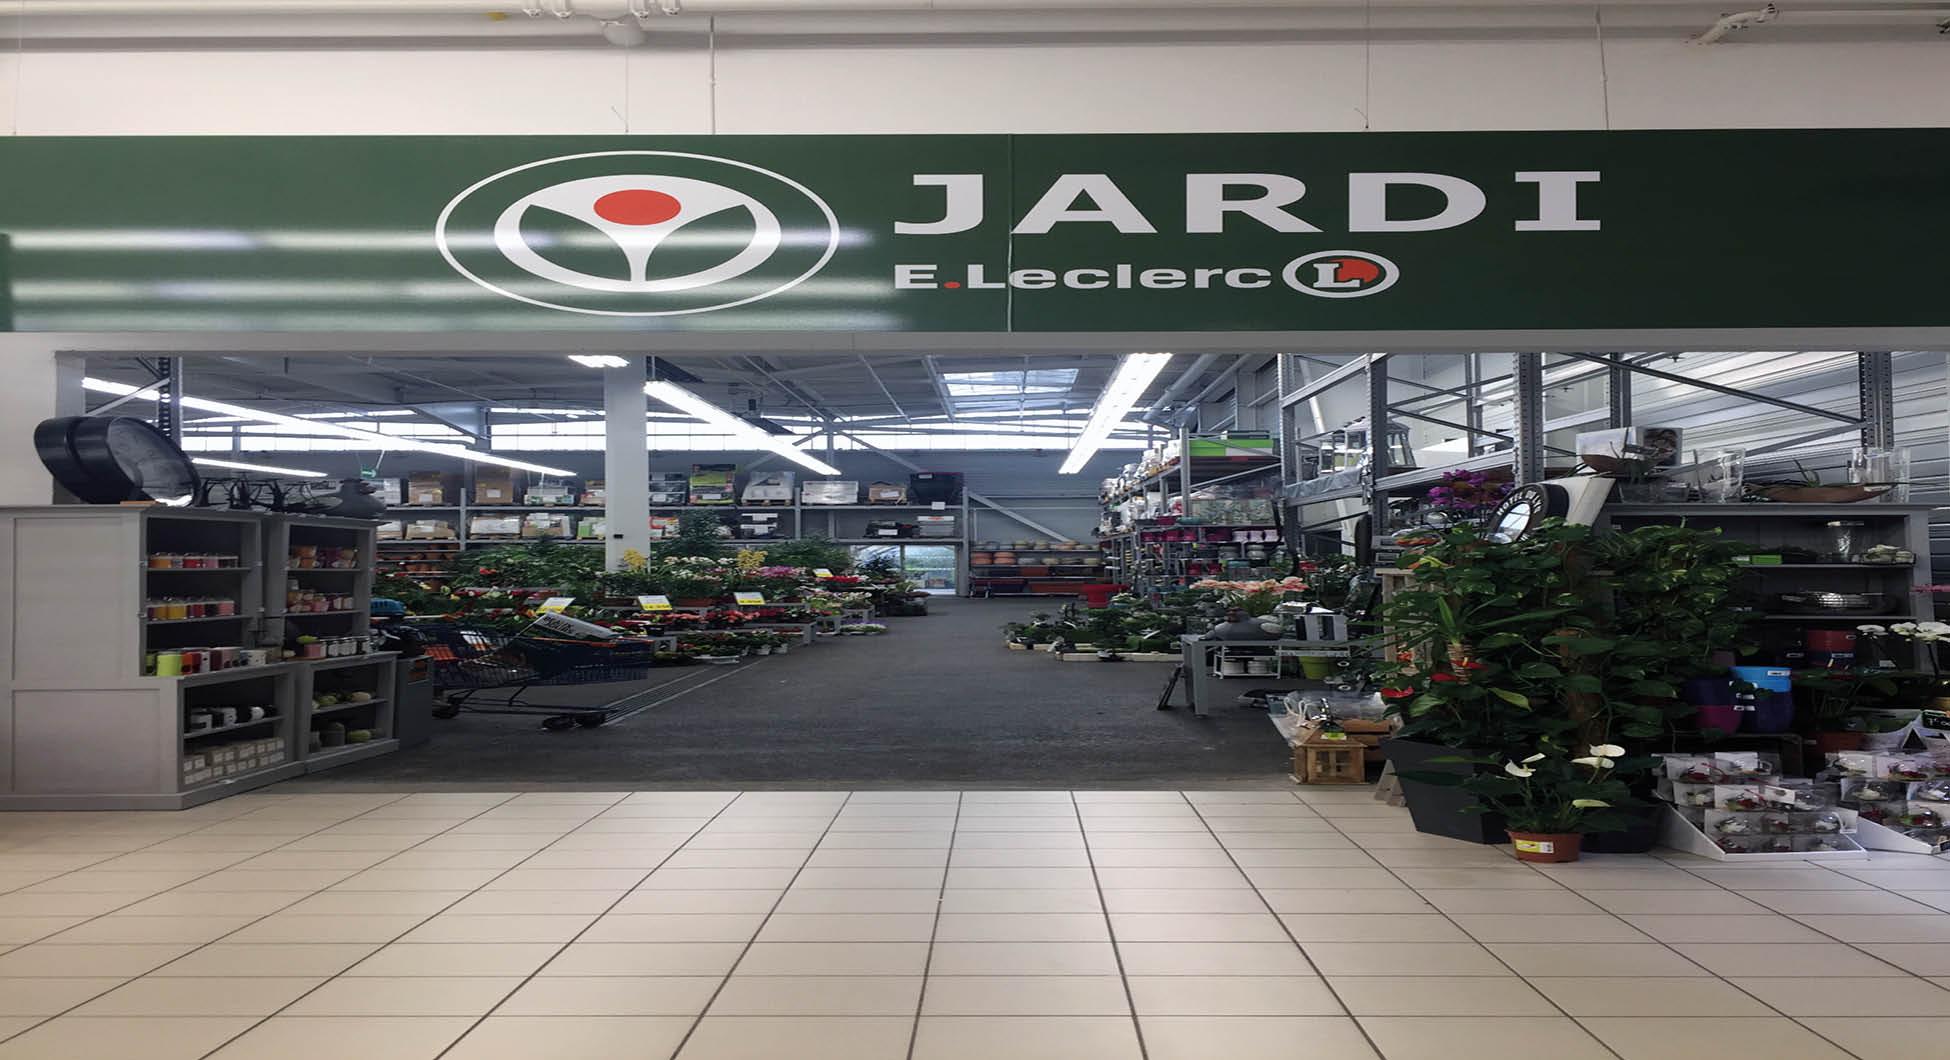 E.leclerc Rochefort Sur Mer - Rochefort - Jardi encequiconcerne Table De Jardin Magasin Leclerc